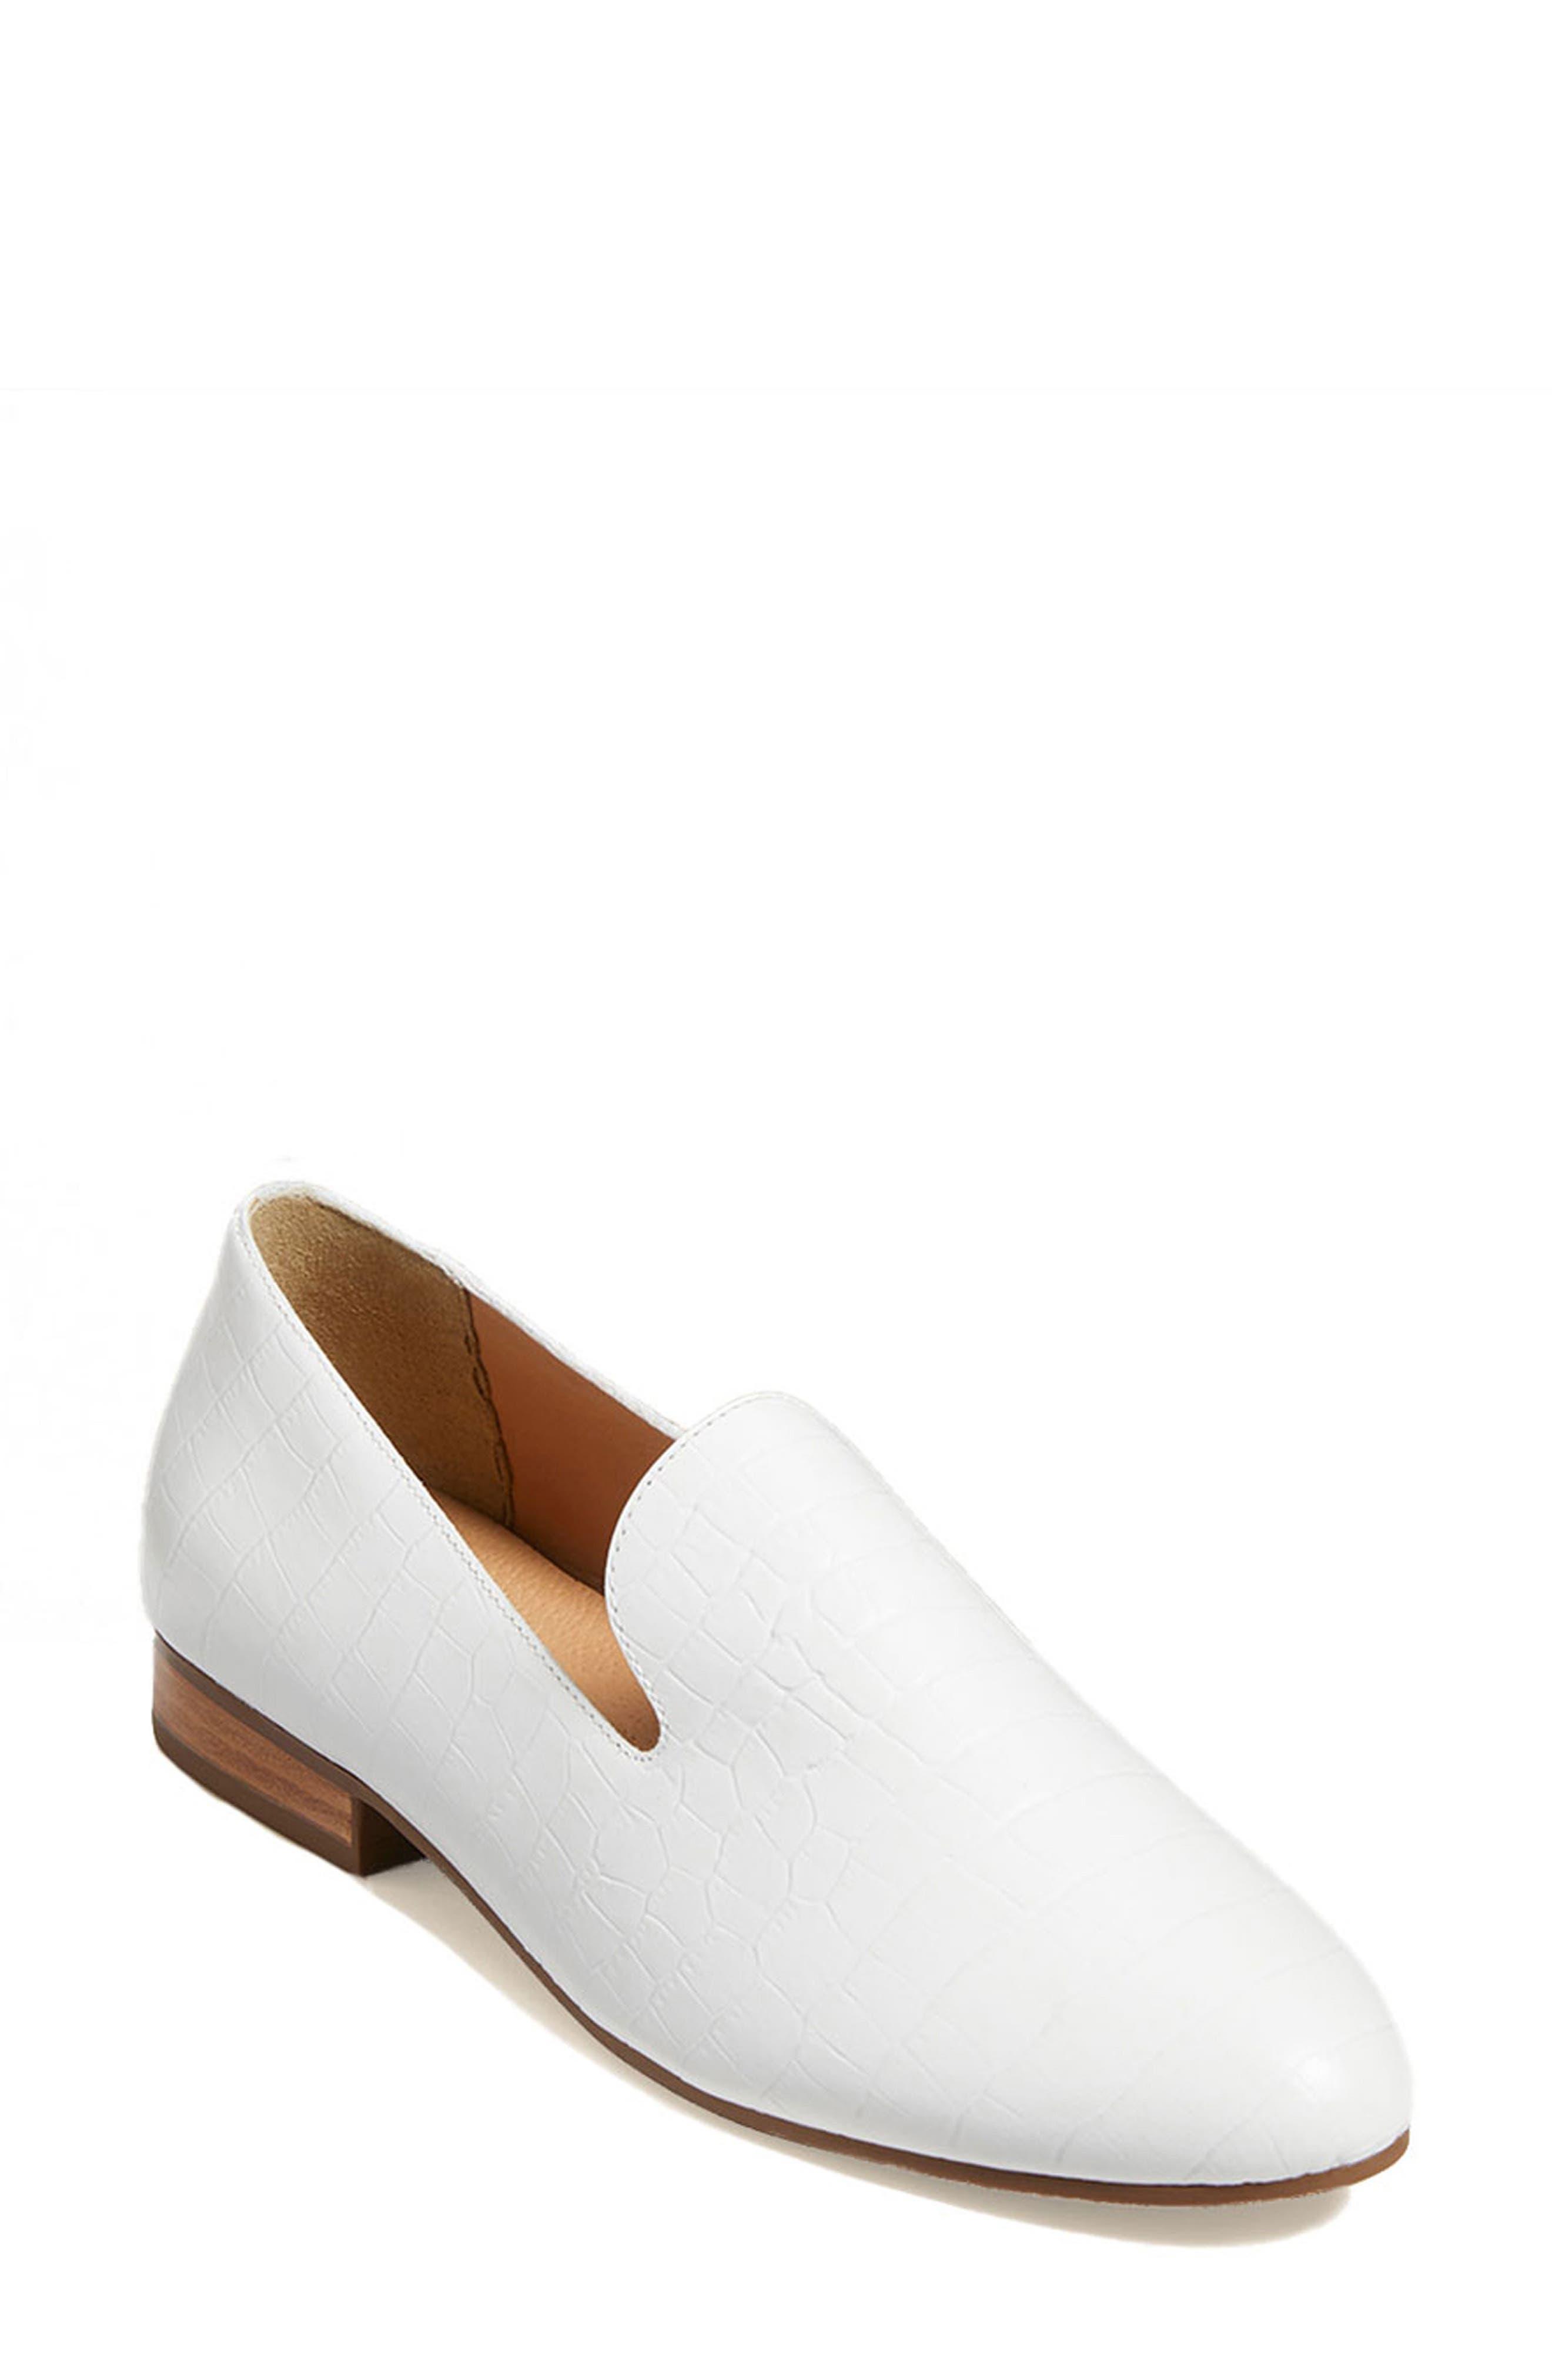 Audrey Croc Embossed Loafer